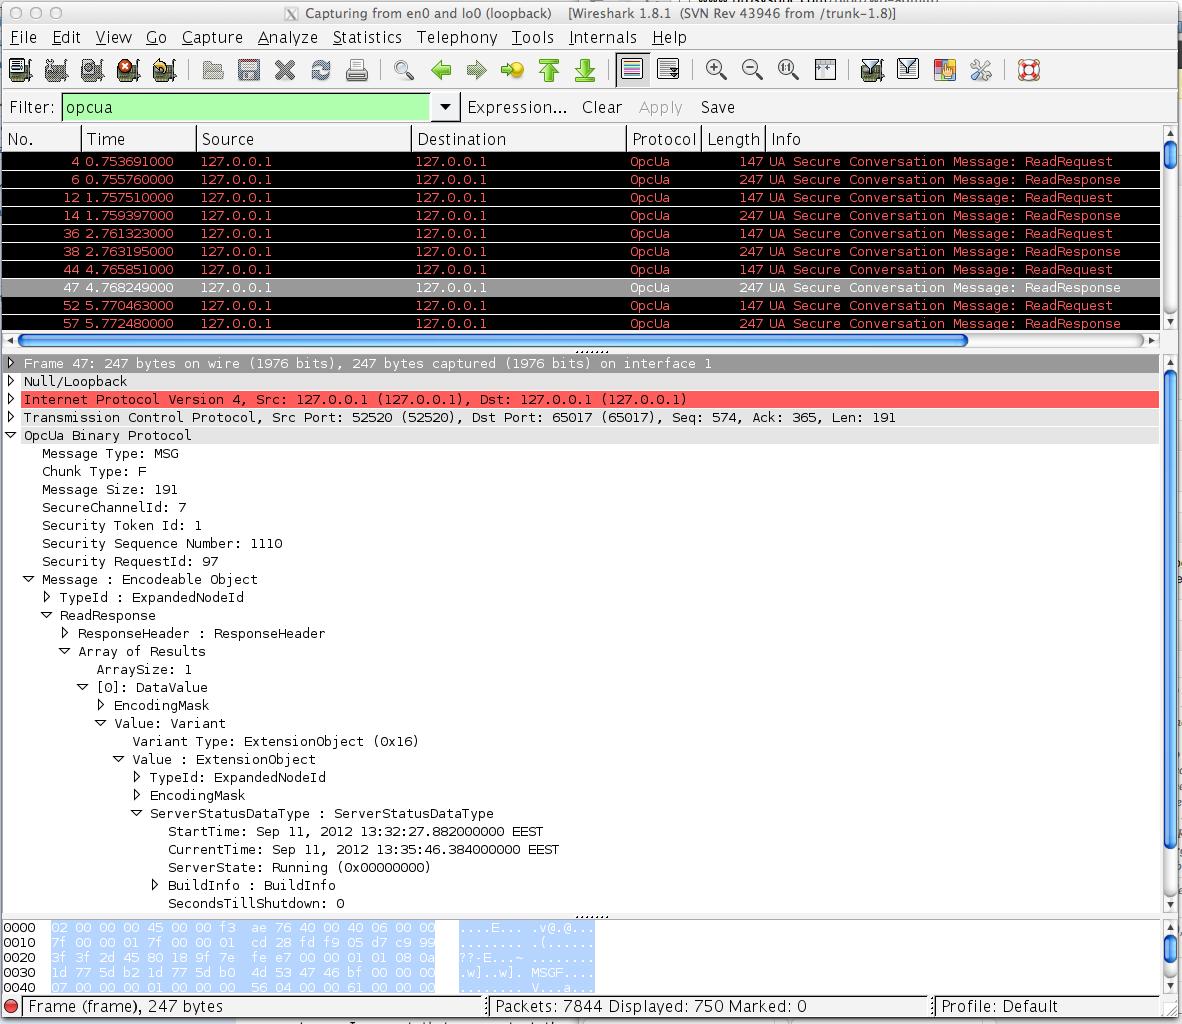 OPC UA & Wireshark